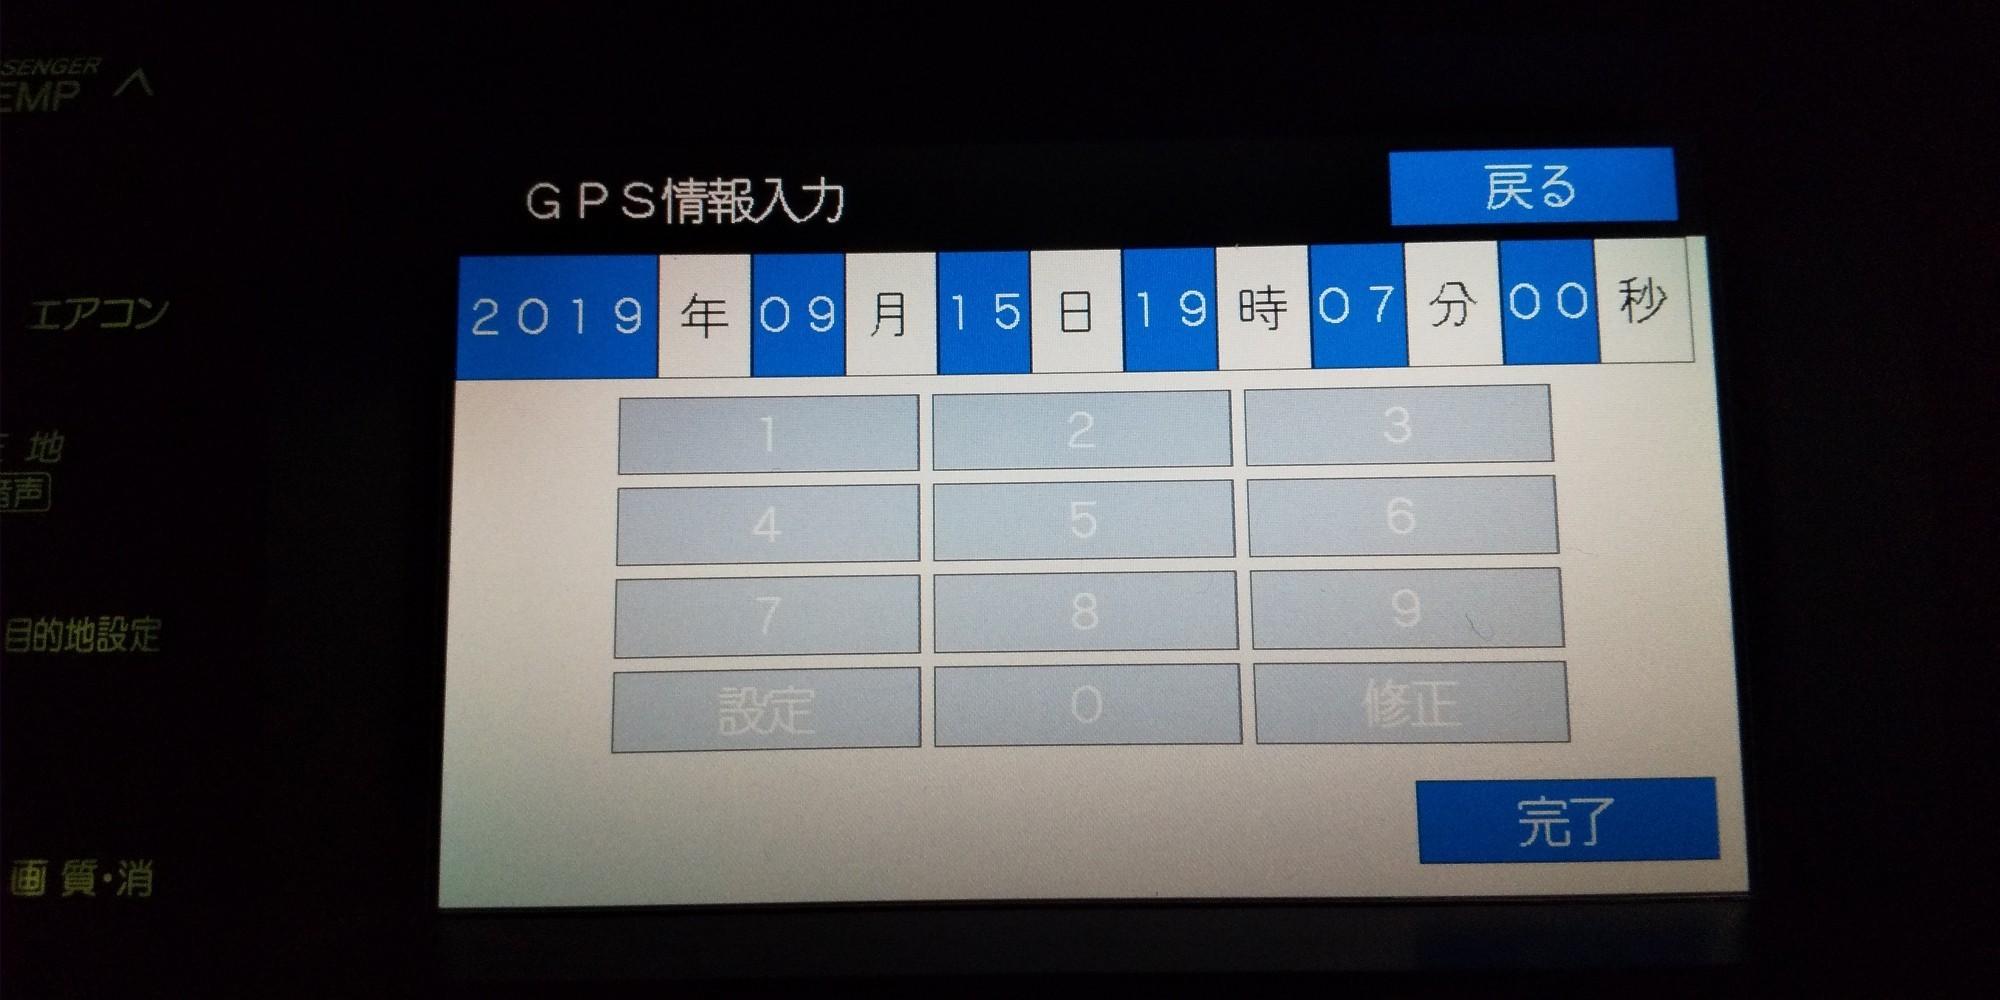 GPSロールオーバー修正